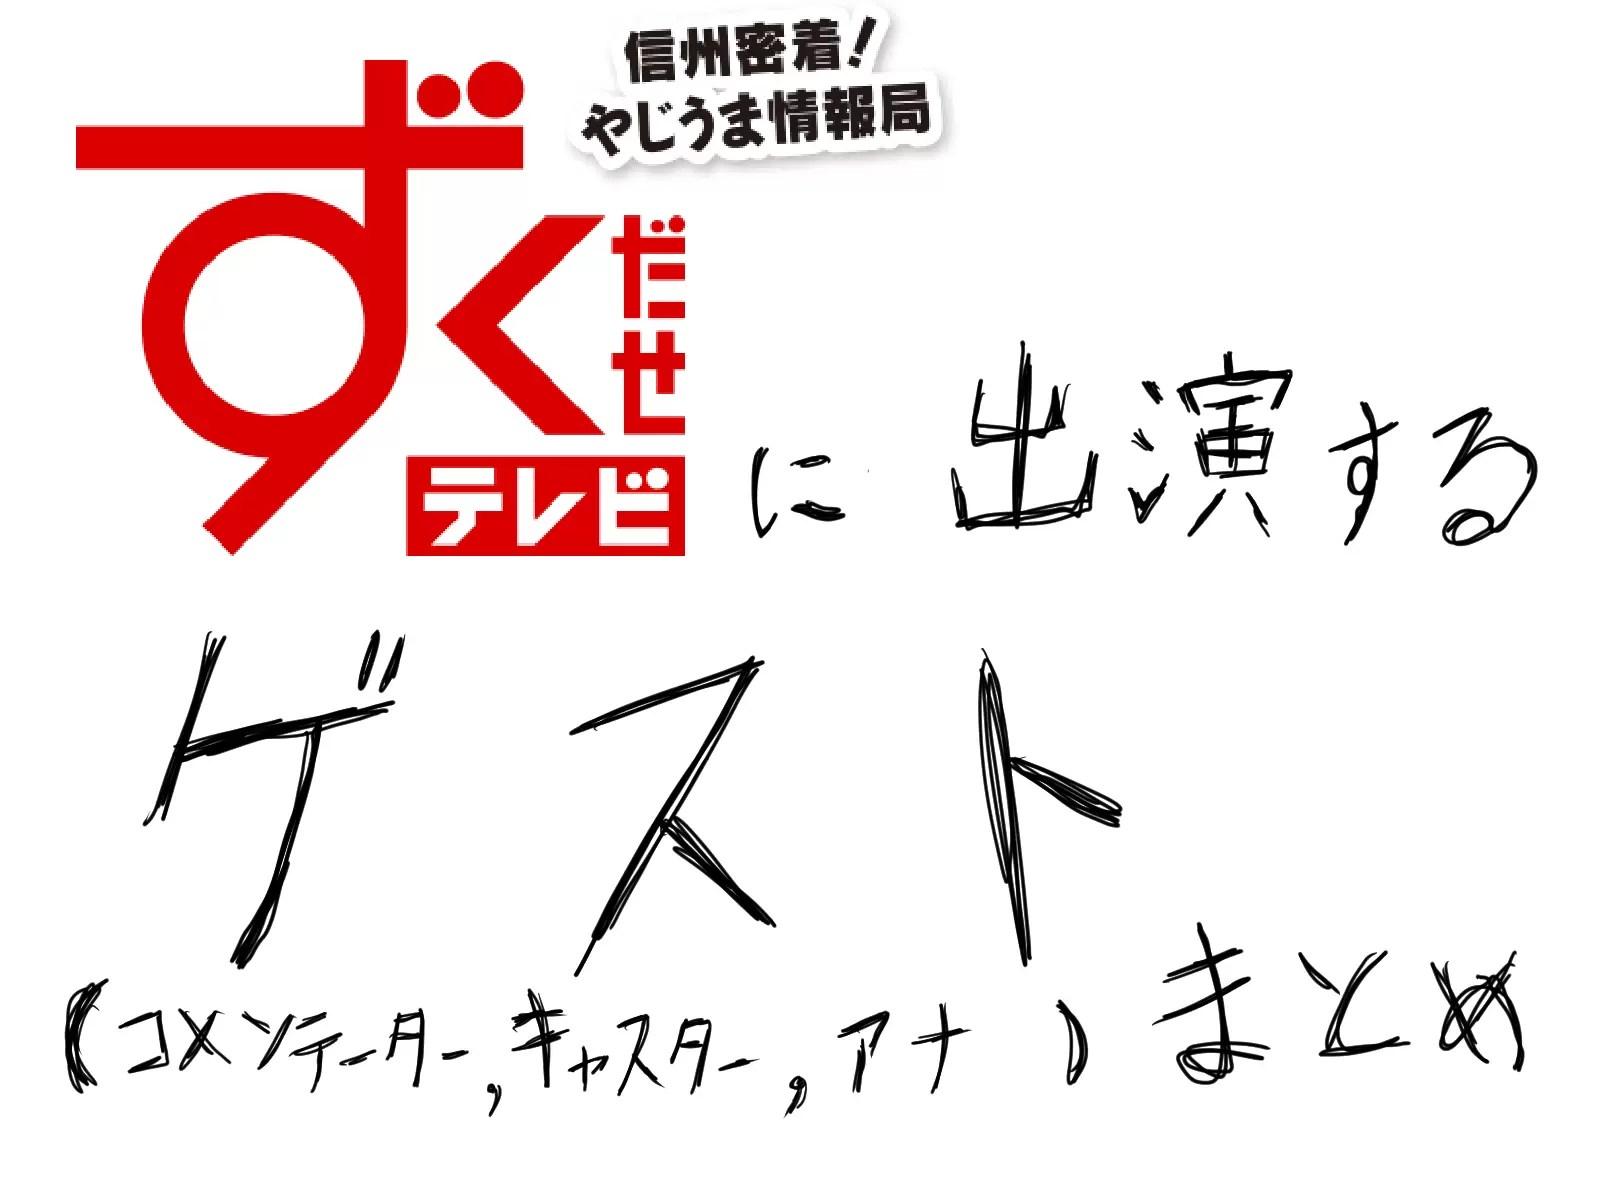 あの人誰?「ずくだせテレビ」出演ゲストまとめ【SBC信越放送】